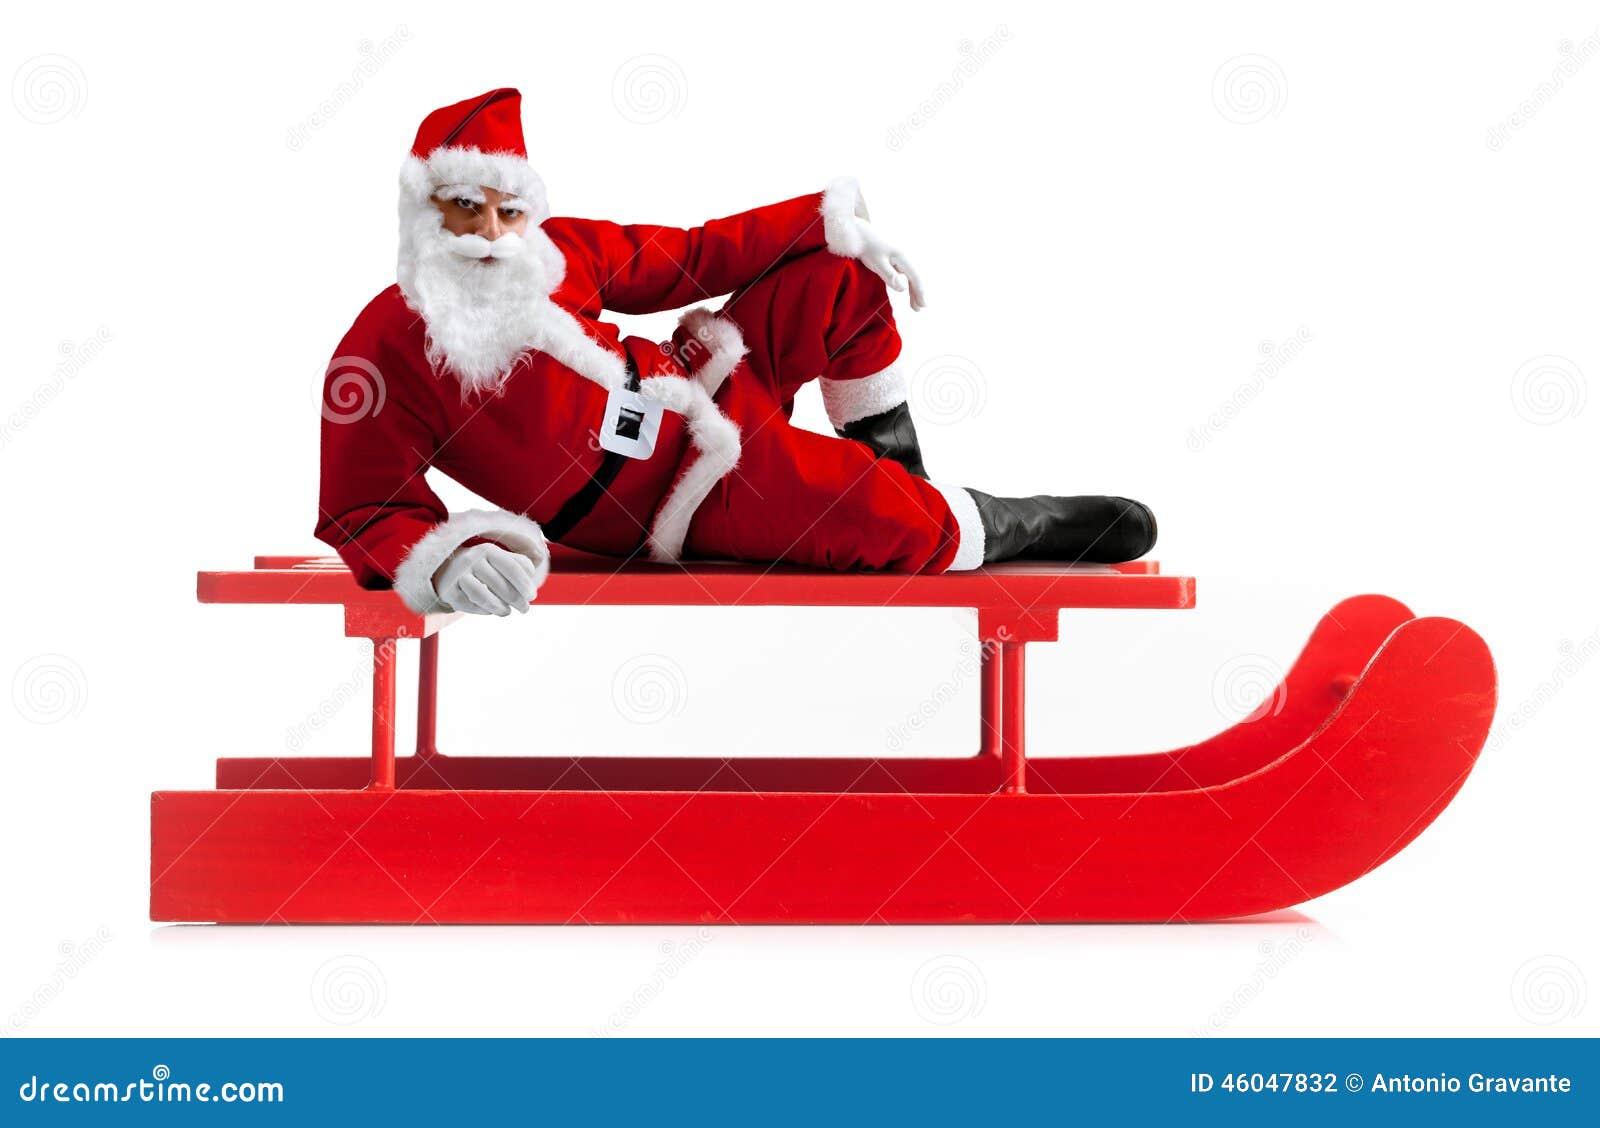 Weihnachtsschlitten Mit Santa Claus Stockfoto - Bild von klaus, weiß ...